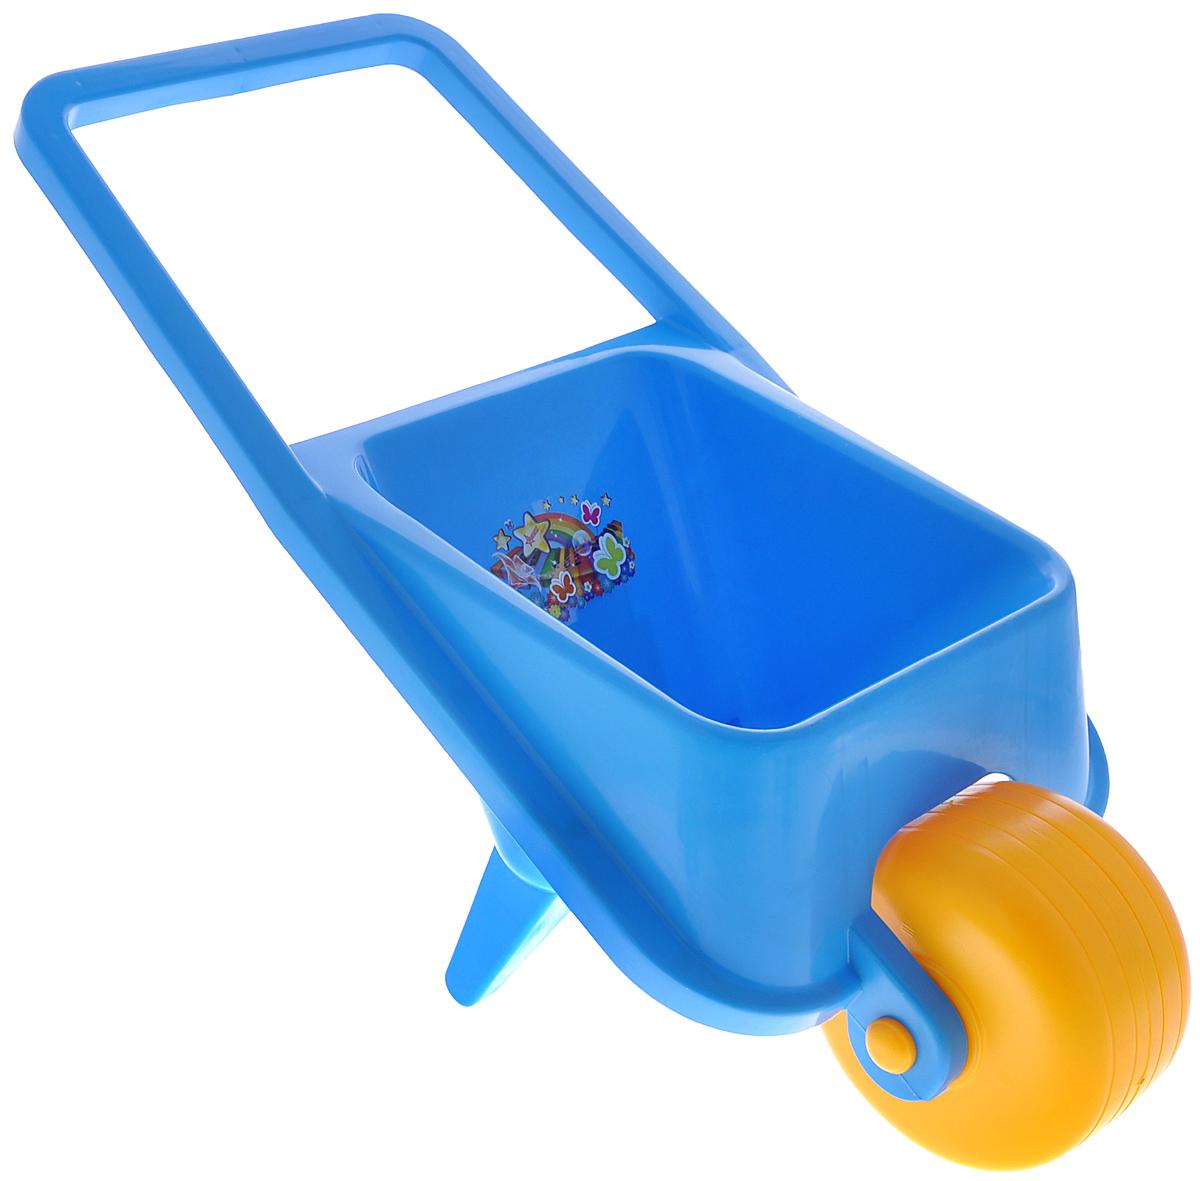 Нордпласт Тачка детская цвет голубой431726_голубойДетская одноколесная тачка Нордпласт, изготовленная из прочного безопасного яркого пластика, привлечет внимание вашего ребенка и поможет приучить его к труду. С этой игрушечной тачкой ваш малыш будет весело проводить время, подражая маме и папе. Производство детских игрушек компании Нордпласт осуществляется по проектам собственной дизайн-студии. К качеству используемых материалов, предъявляются самые высокие требования: как с точки зрения безопасности, так и с точки зрения прочности и устойчивости красителей, ведь эти игрушки предназначены не только для взрослых, но и для самых маленьких детей.